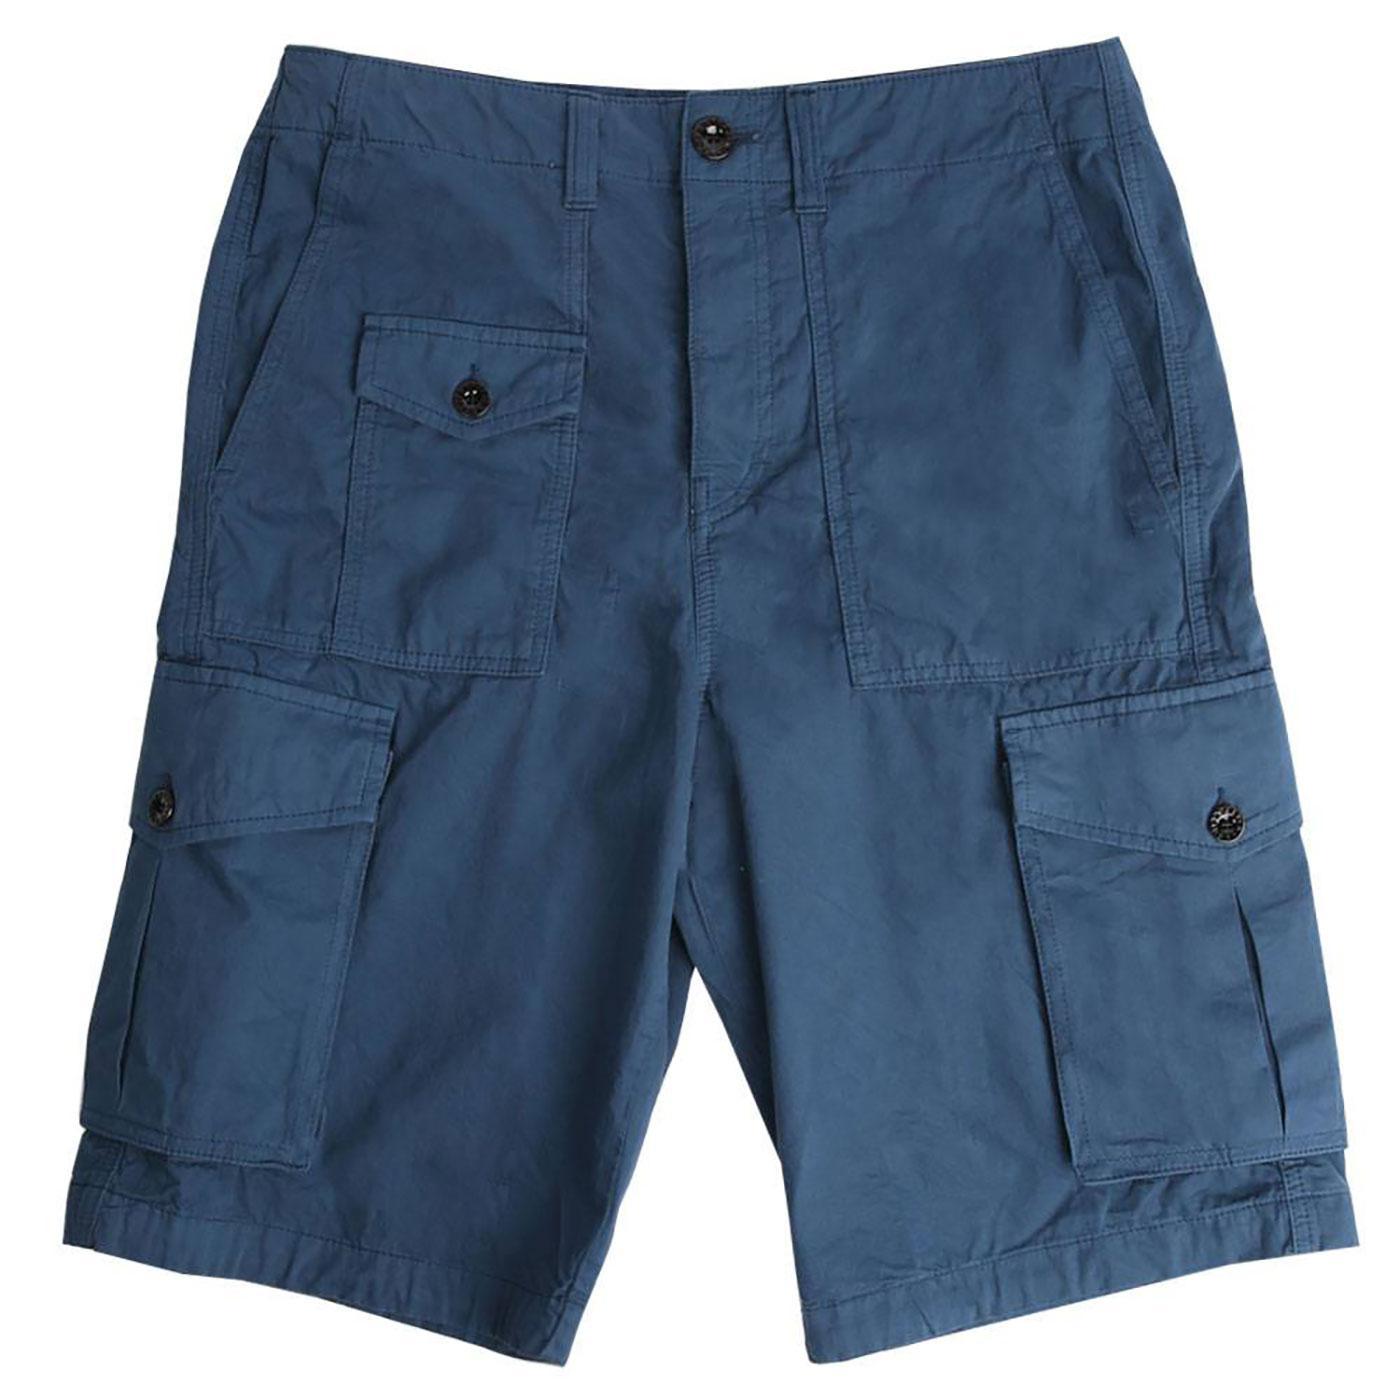 PRETTY GREEN Men's Retro Twill Cargo Shorts BLUE